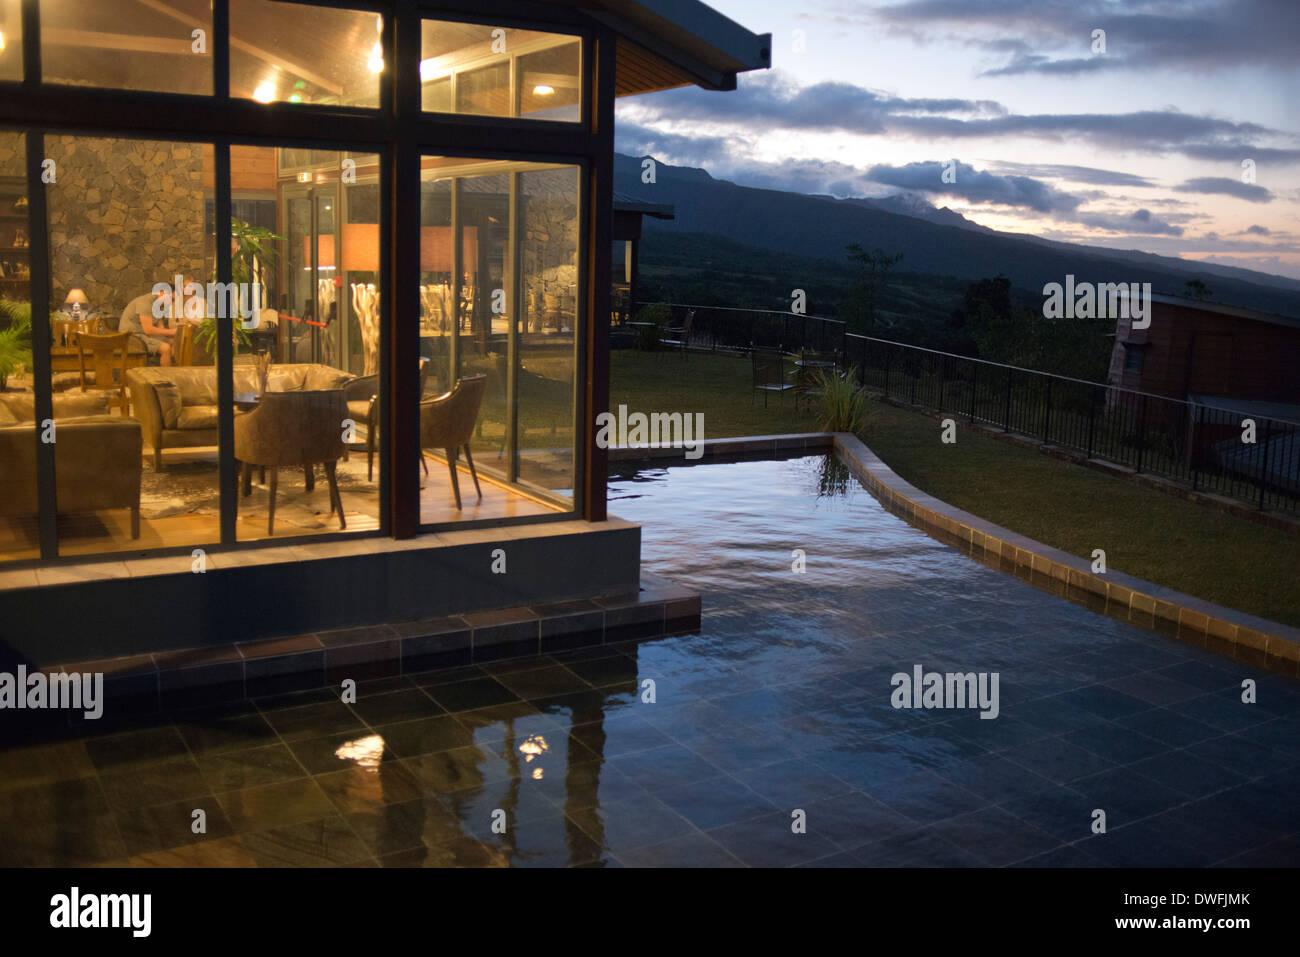 Puesta De Sol En Elel Diana Dea Lodge Situado En Un Parque De 150 Acres En La Isla De La Reunion Diana Dea Lodge Esta A 9 Km De Sainte Anne